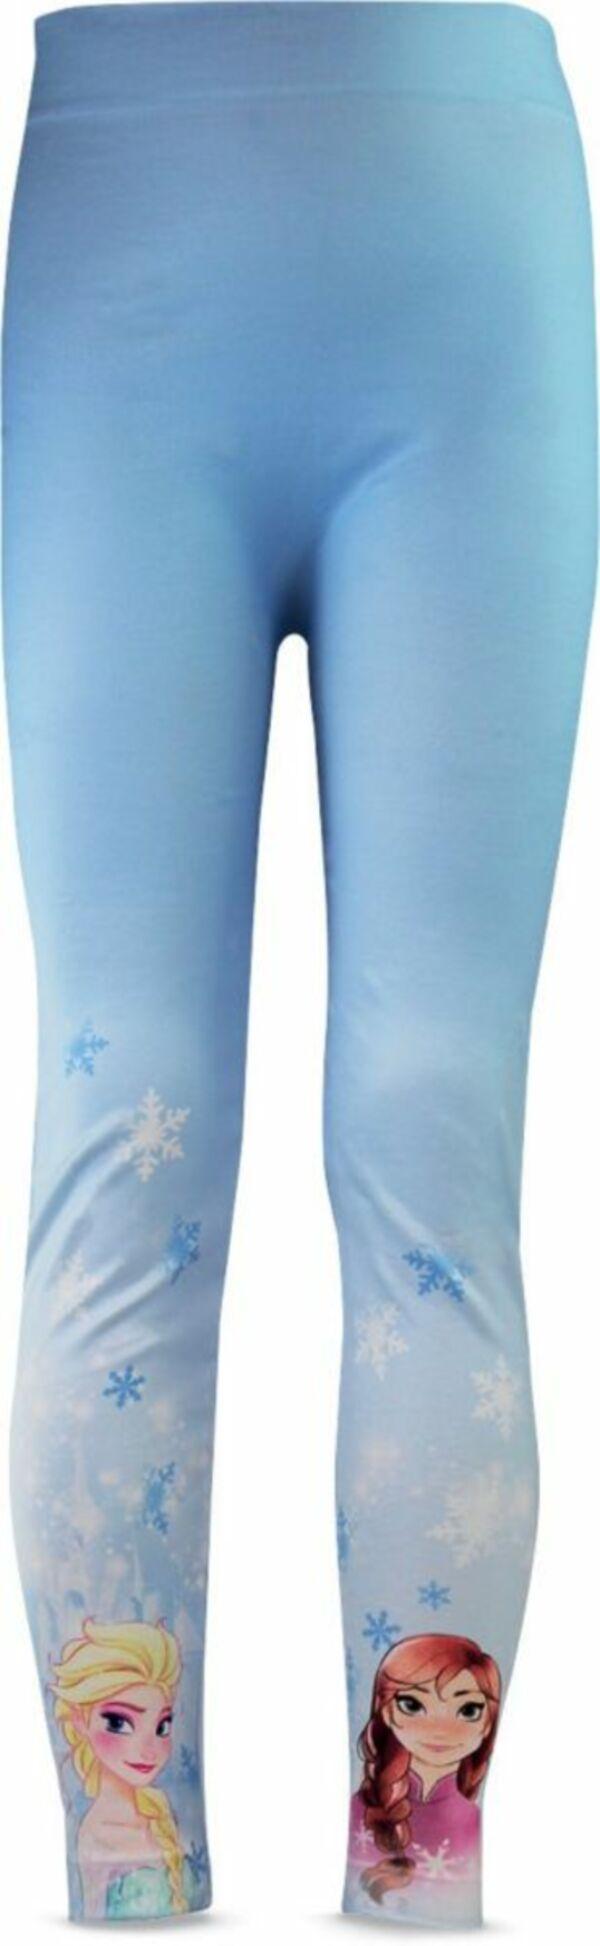 Kinder Legging - Frozen, Gr. 104/110